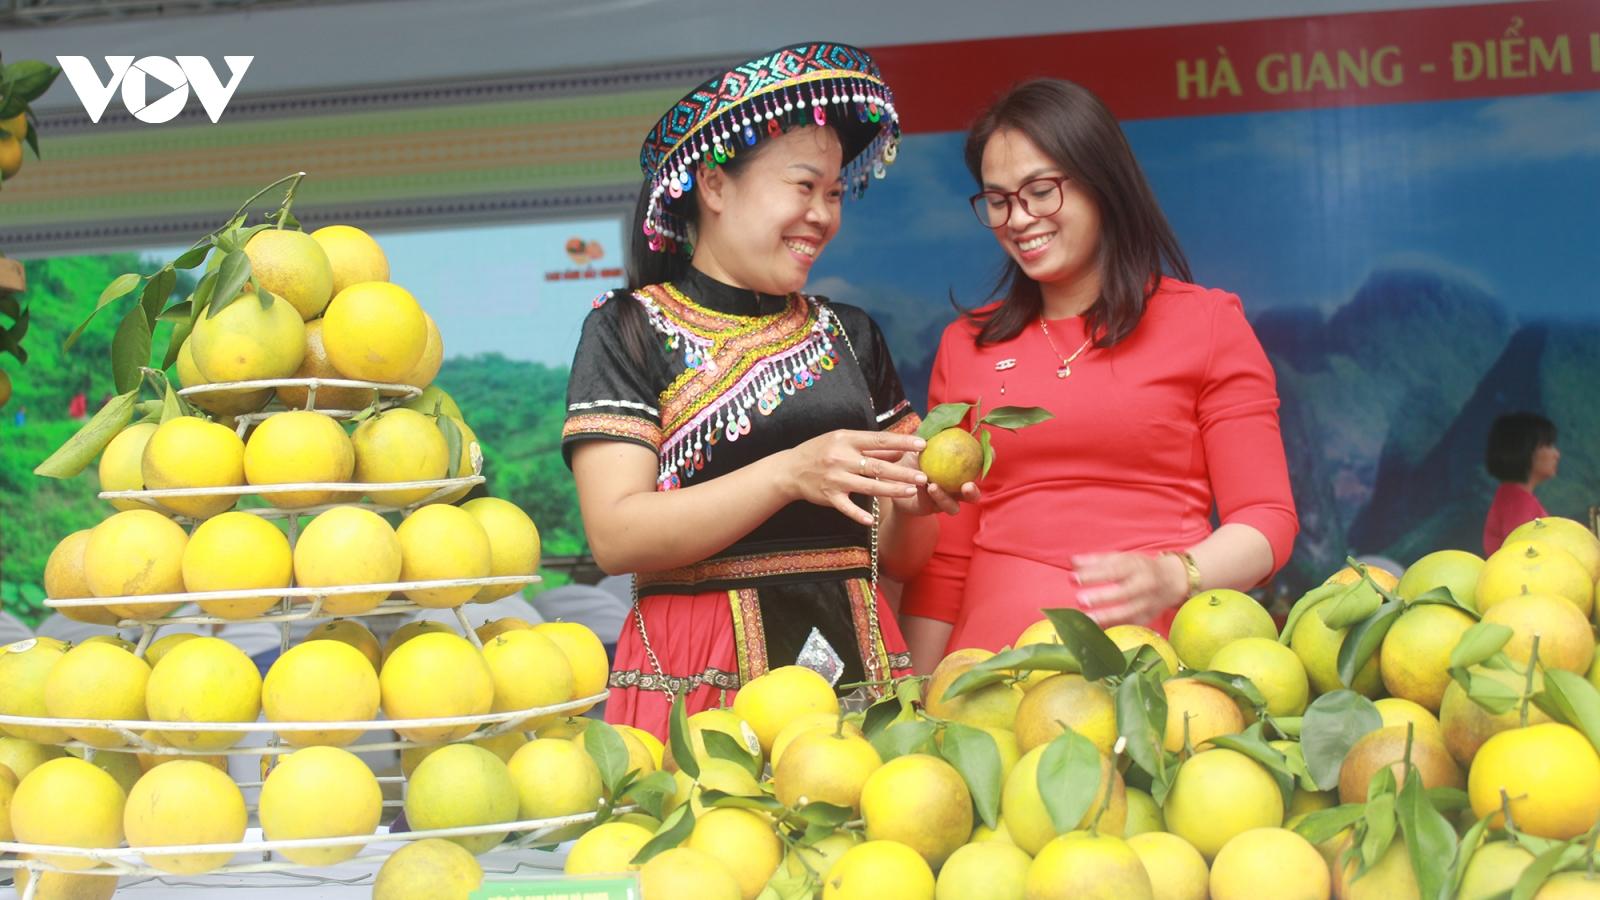 Đưa cam sành Bắc Quang – Hà Giang đến gần hơn  với các nhà phân phối tại Hà Nội